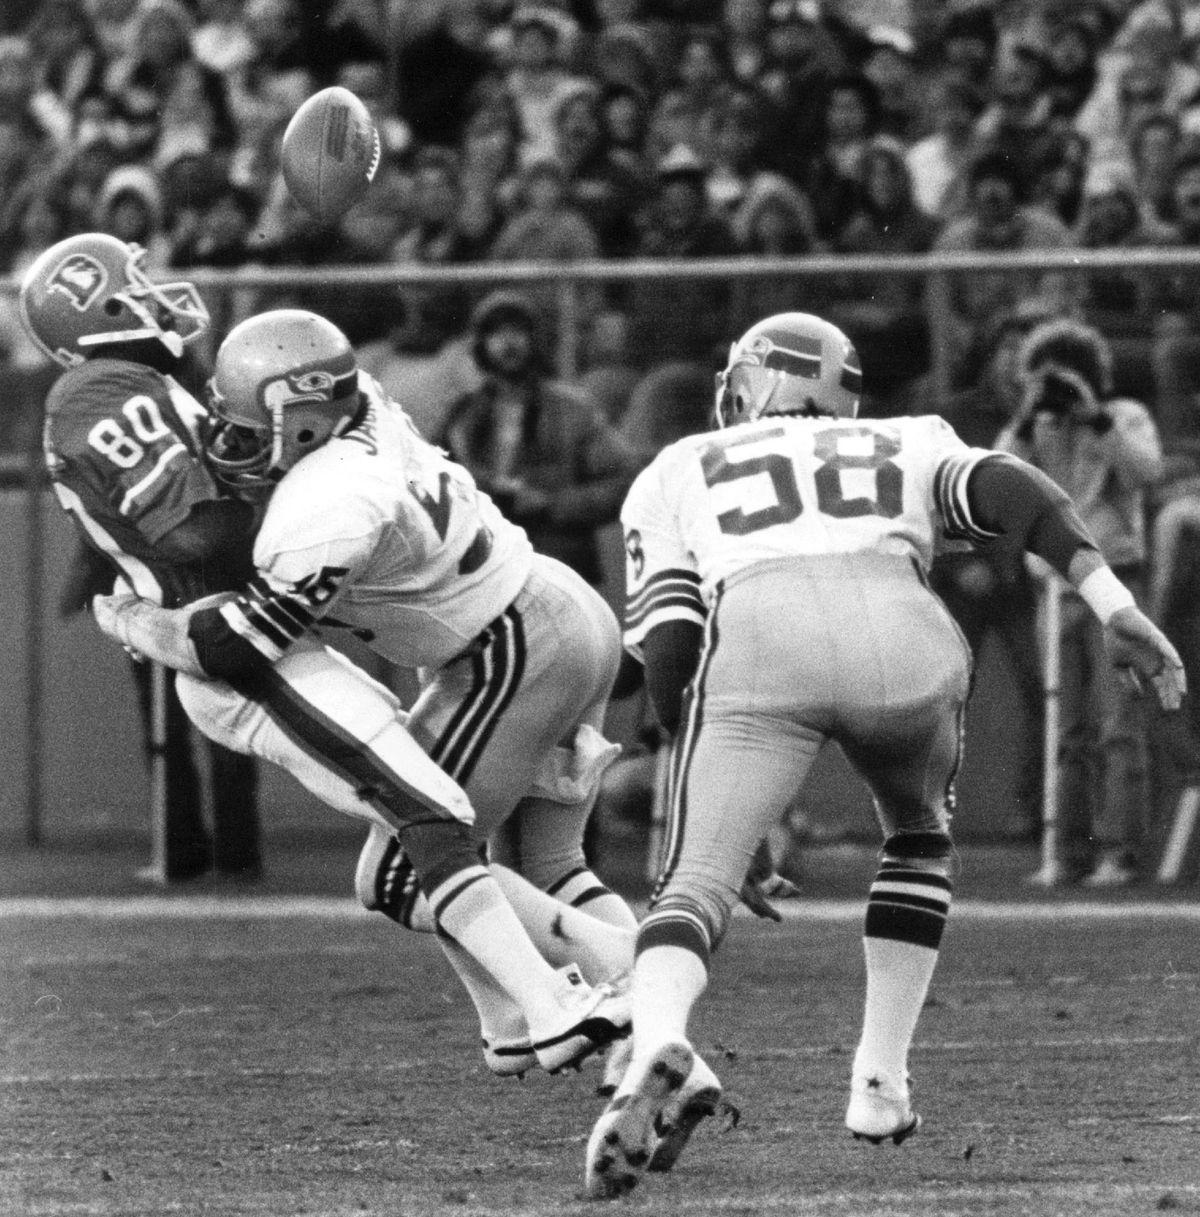 NOV 21 1982, NOV 22 1982; Football - Denver Broncos (Action); Broncos' Rick Upchurch takes a hard hi